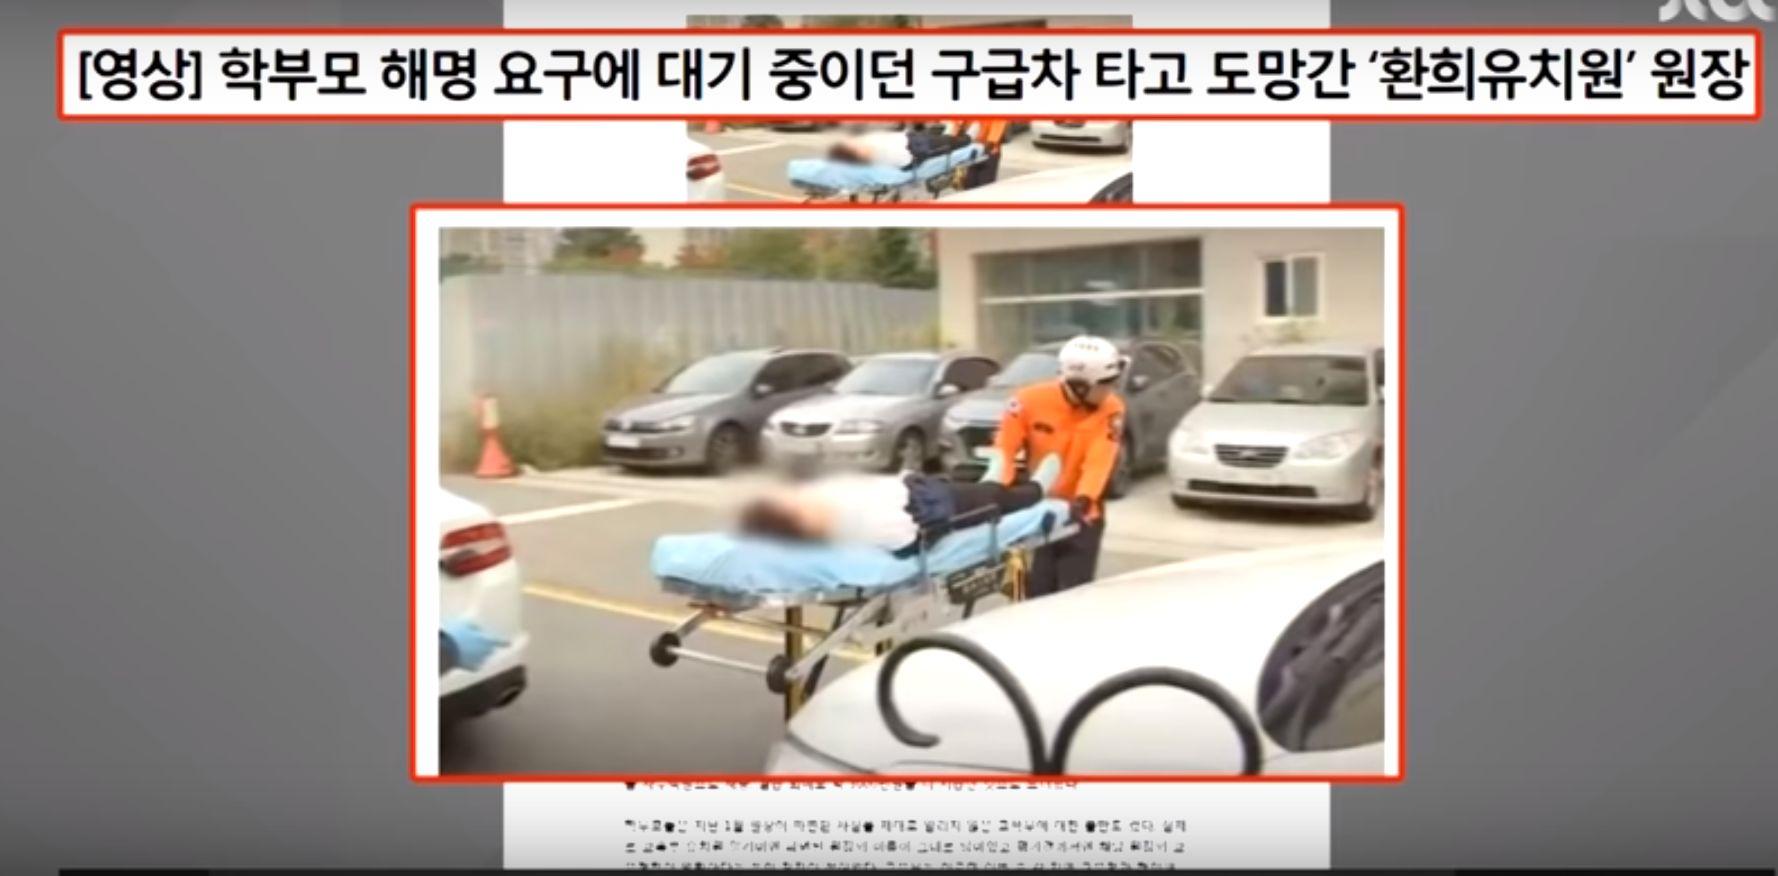 구급차 타고 도망갔던 동탄 환희유치원 원장이 학부모들에게 공개